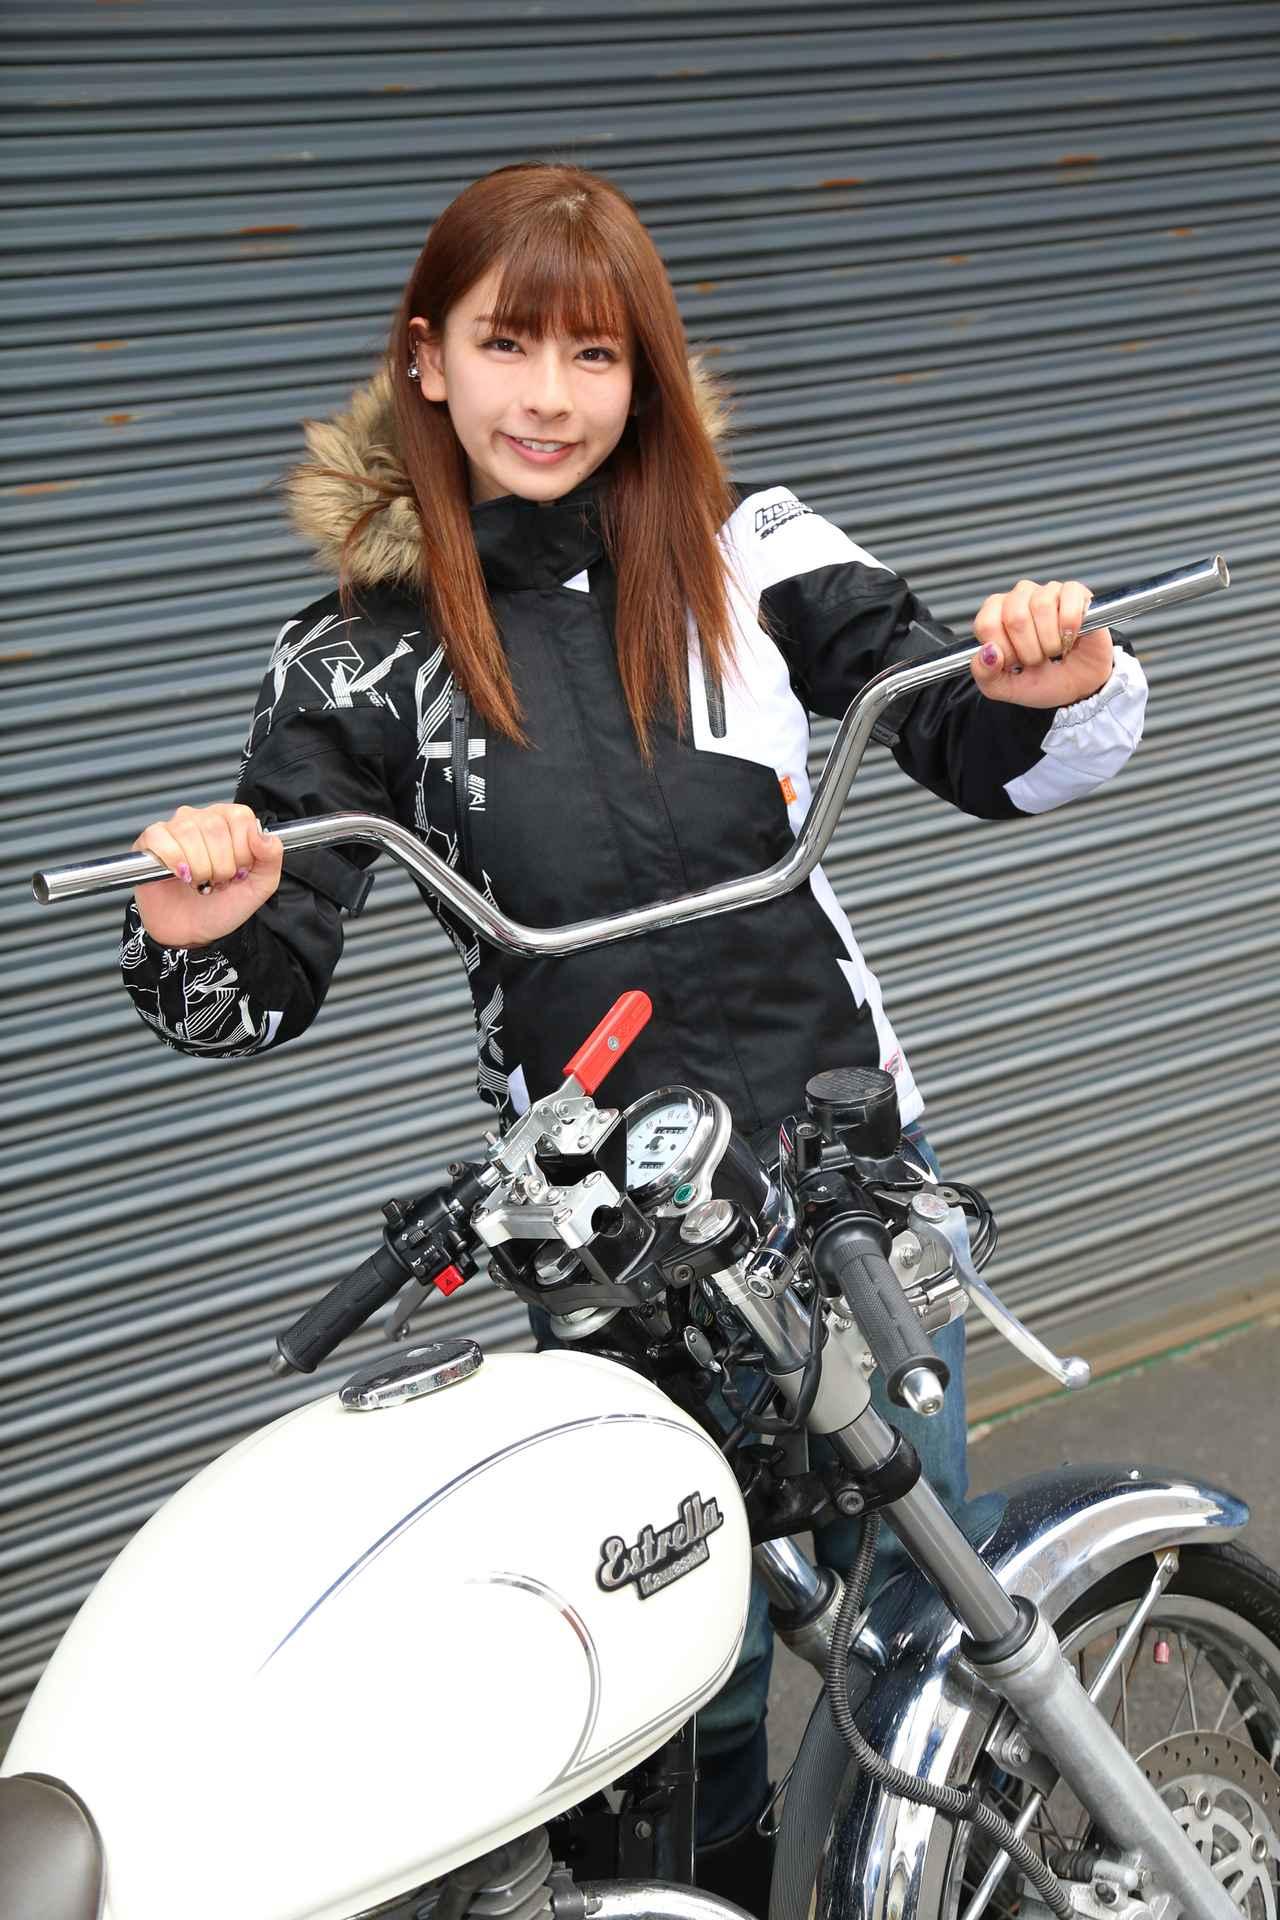 Images : 5番目の画像 - 「ピッタリのハンドルが見つかるかも! ハリケーンの体験車両で楽しもう!【大阪モーターサイクルショー2019】」のアルバム - webオートバイ